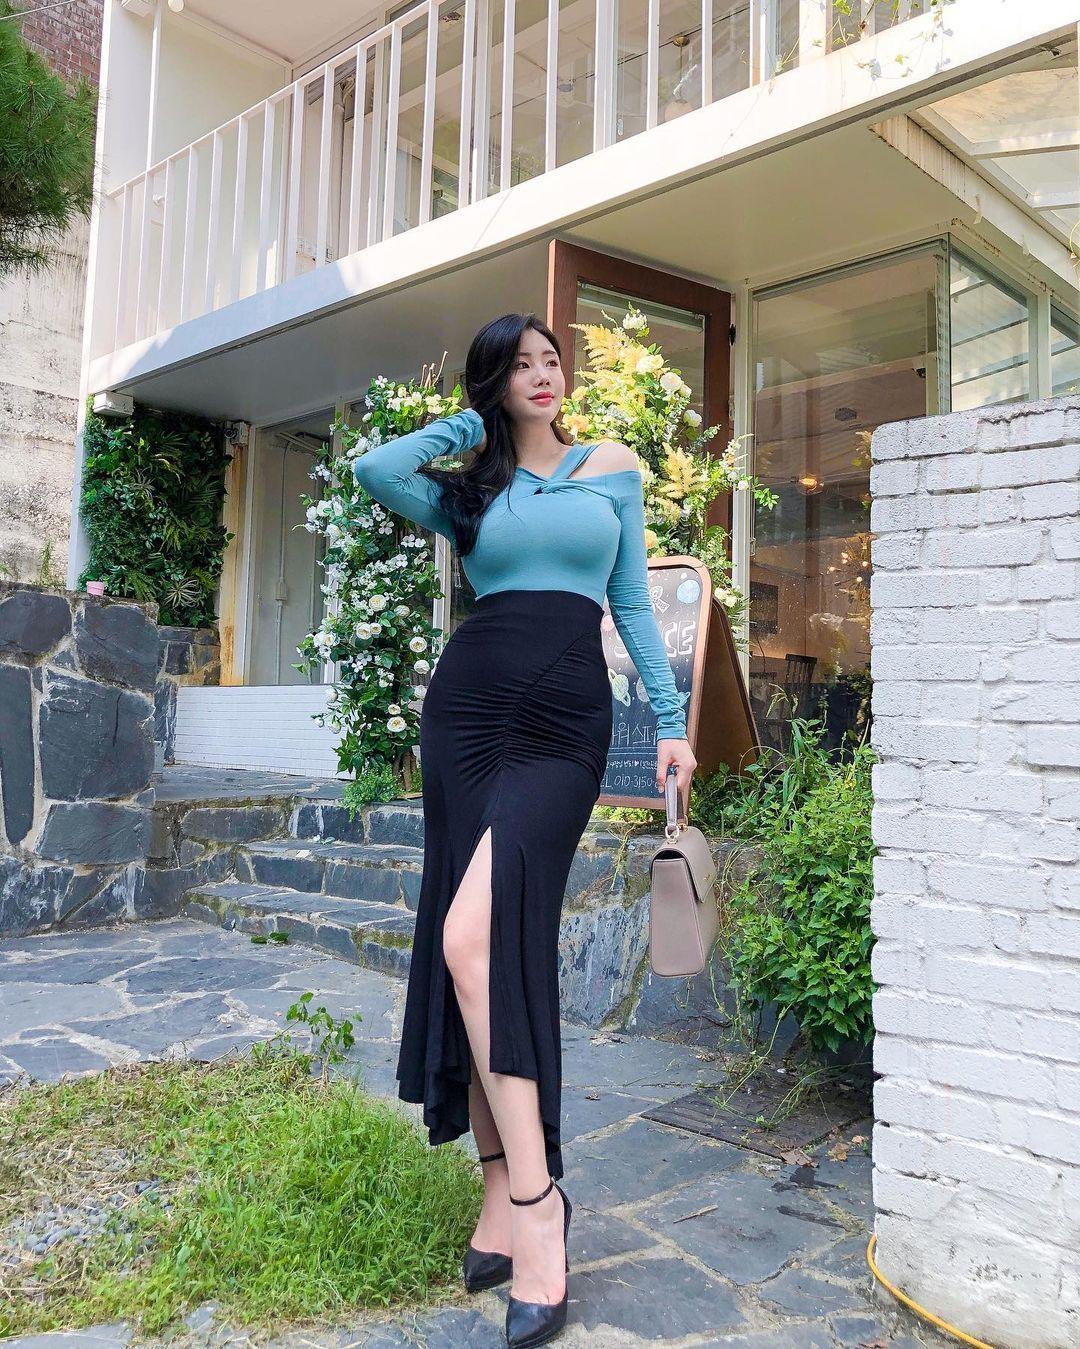 清凉穿着自己卖 [韩国泳衣阙娘Yebin]亲自试穿性感度满点 养眼图片 第5张